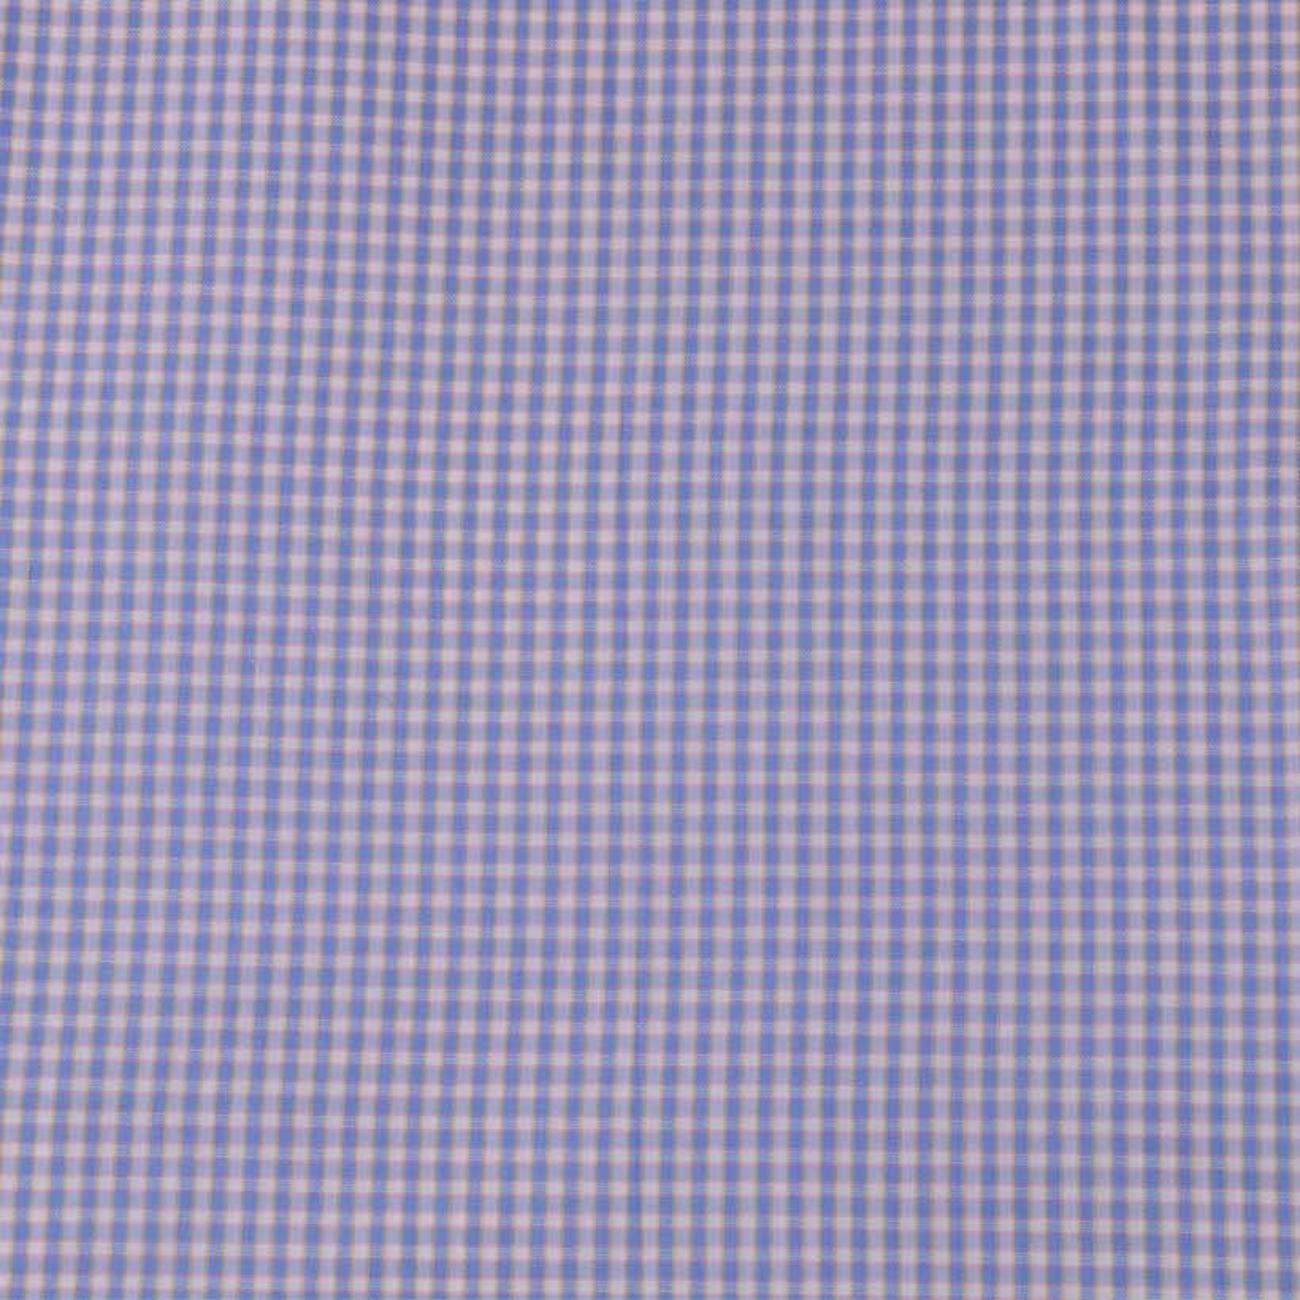 现货格子梭织色织提花低弹休闲时尚风格 衬衫 连衣裙 短裙 棉感 60929-43